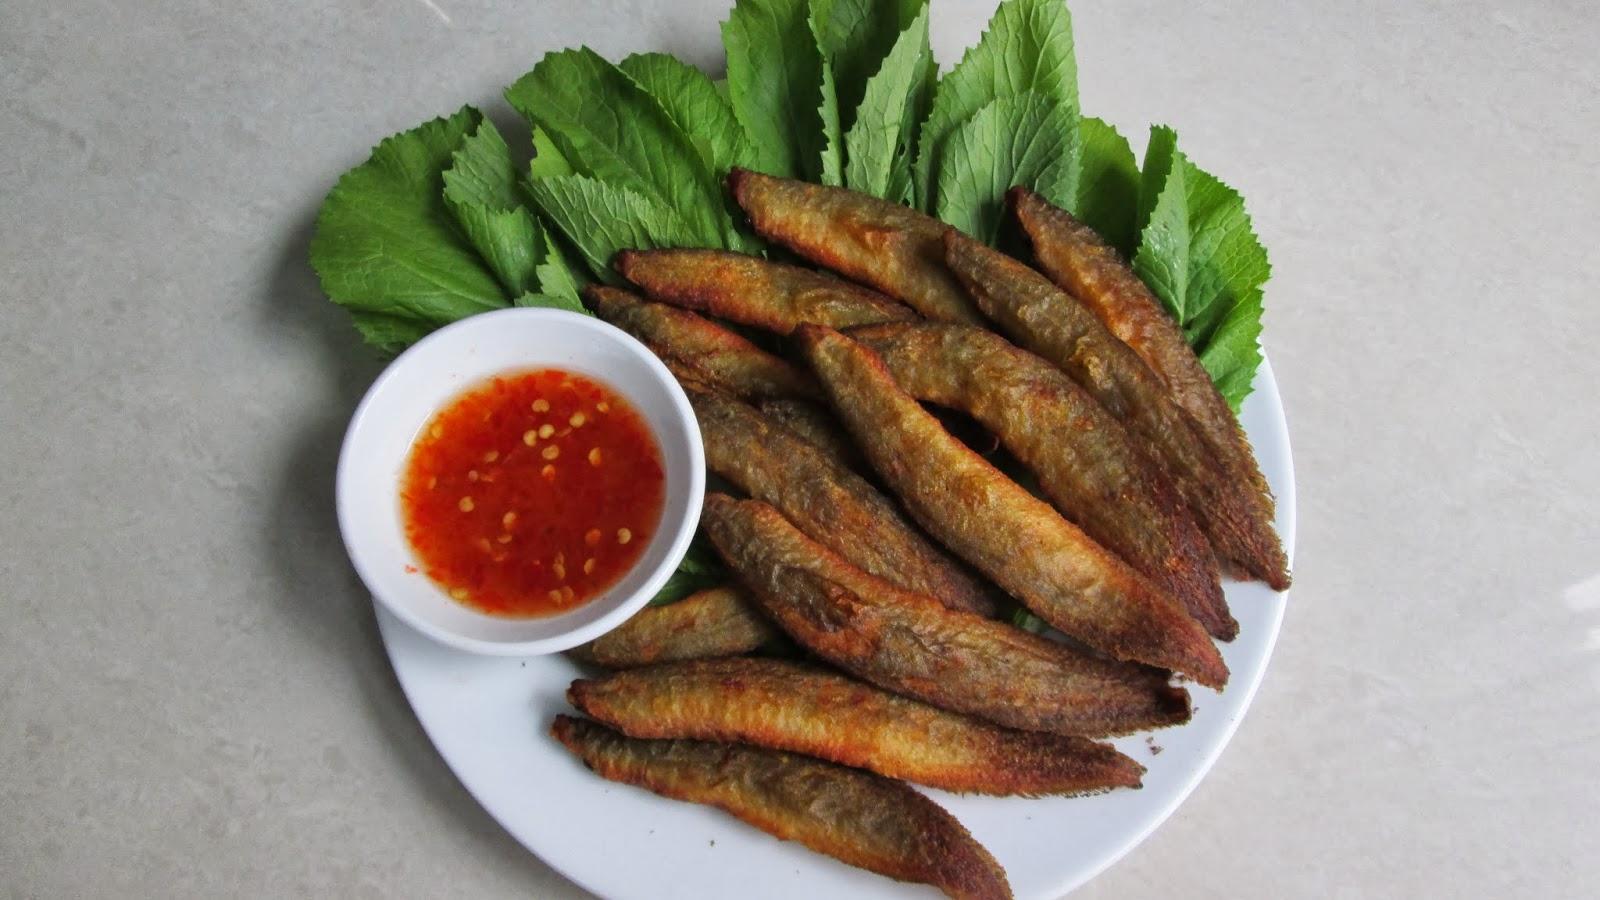 Nam giới bị liệt dương nên ăn gì? Bị liệt dương nên ăn cá chạch